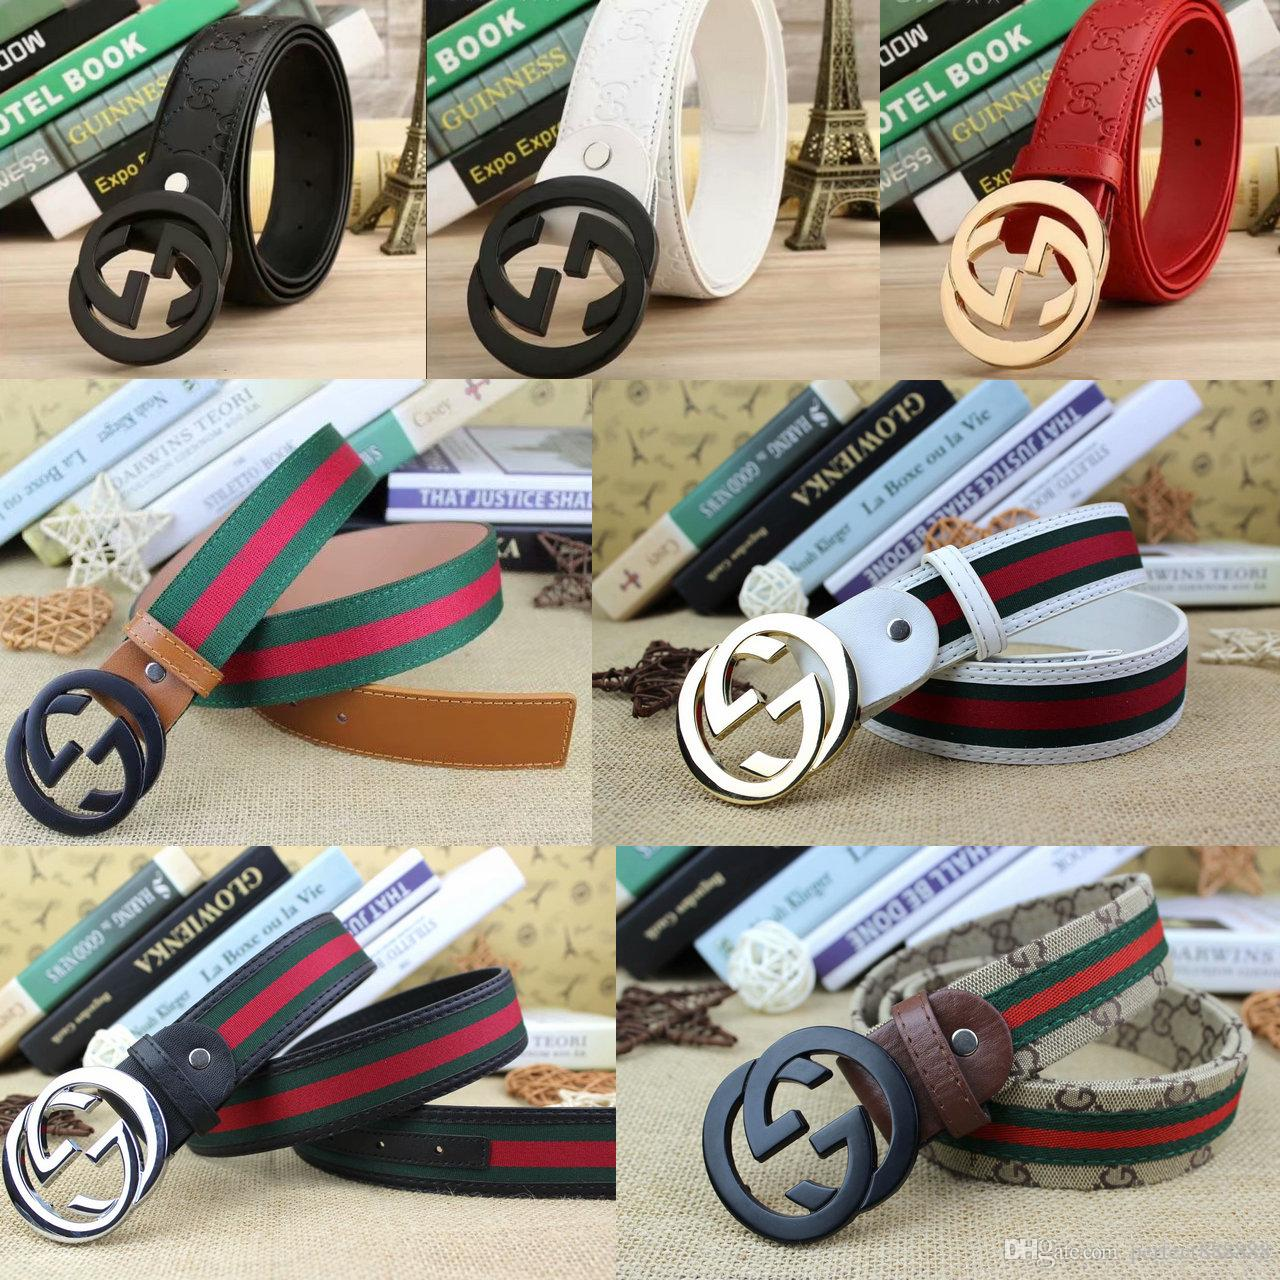 Мужские джинсы золото-серебро-черная пряжка совершенно новый оригинальный кожаный дизайнер большая пряжка PU ремень пряжка ремень топ мода мужчины роскошные ремни boxs BR